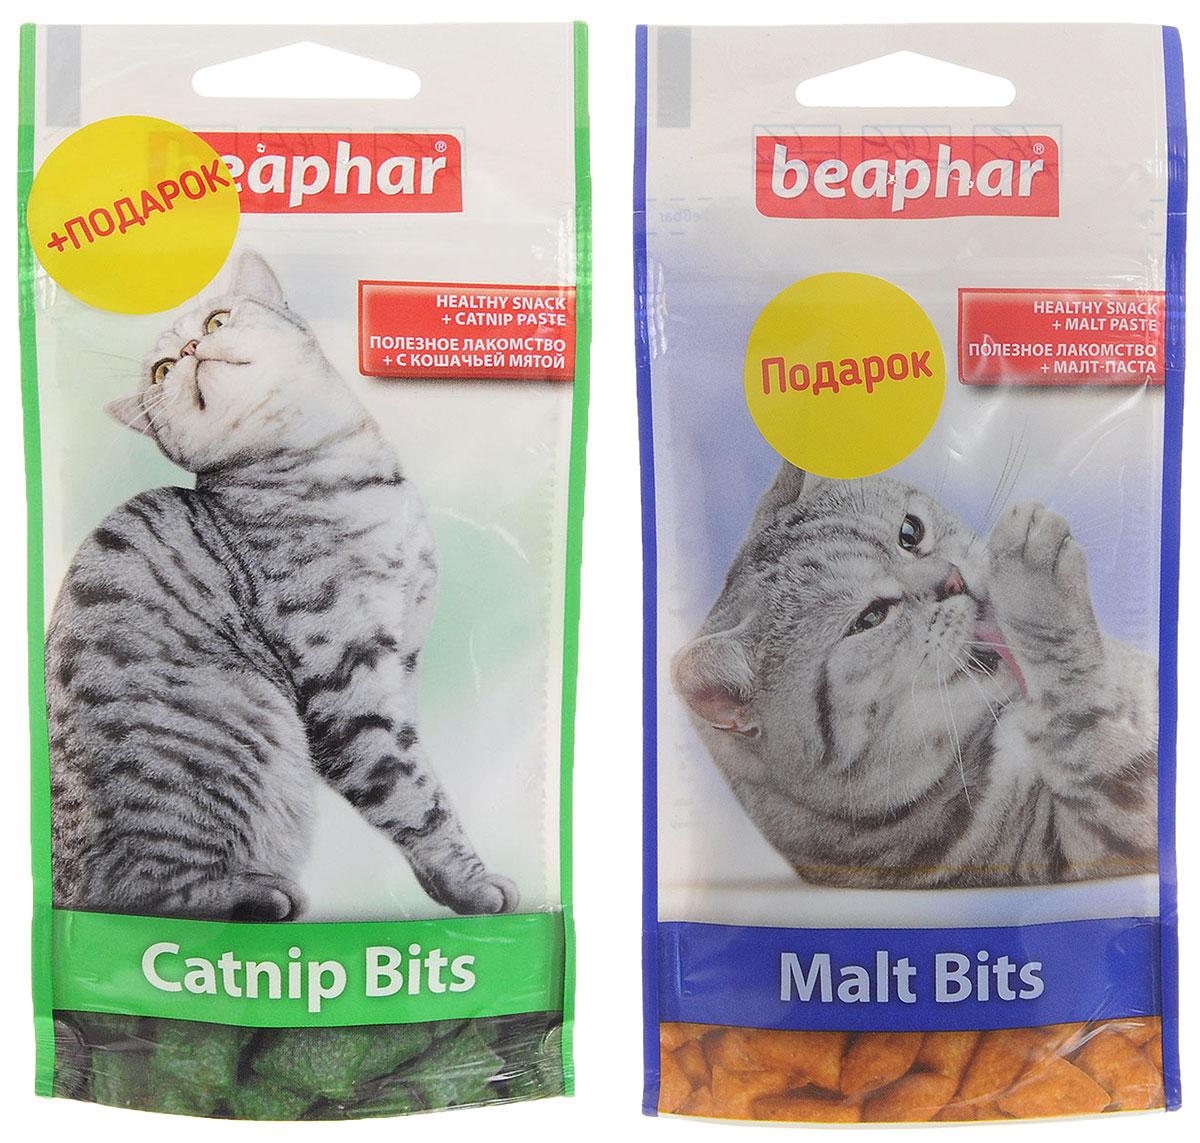 Лакомство для кошек Beaphar Catnip Bits, с кошачьей мятой, 35 г + ПОДАРОК: Лакомство для кошек Beaphar Malt Bits, 35 г13172_+подарокЛакомство с экстрактом кошачьей мяты Beaphar Catnip Bits предназначено для кошек и котят. Полезные и вкусные хрустящие подушечки, наполненные пастой из кошачьей мяты, содержат витамины и минералы, необходимые для поддержания здоровья и жизненной активности кошки. Рекомендуемая дозировка: 5-10 штук в день. В подарок входит лакомство для кошек и котят от Beaphar Malt Bits - хрустящие подушечки с наполнителем малт-пасты. Вес упаковки лакомства Beaphar Catnip Bits: 35 г. Товар сертифицирован.